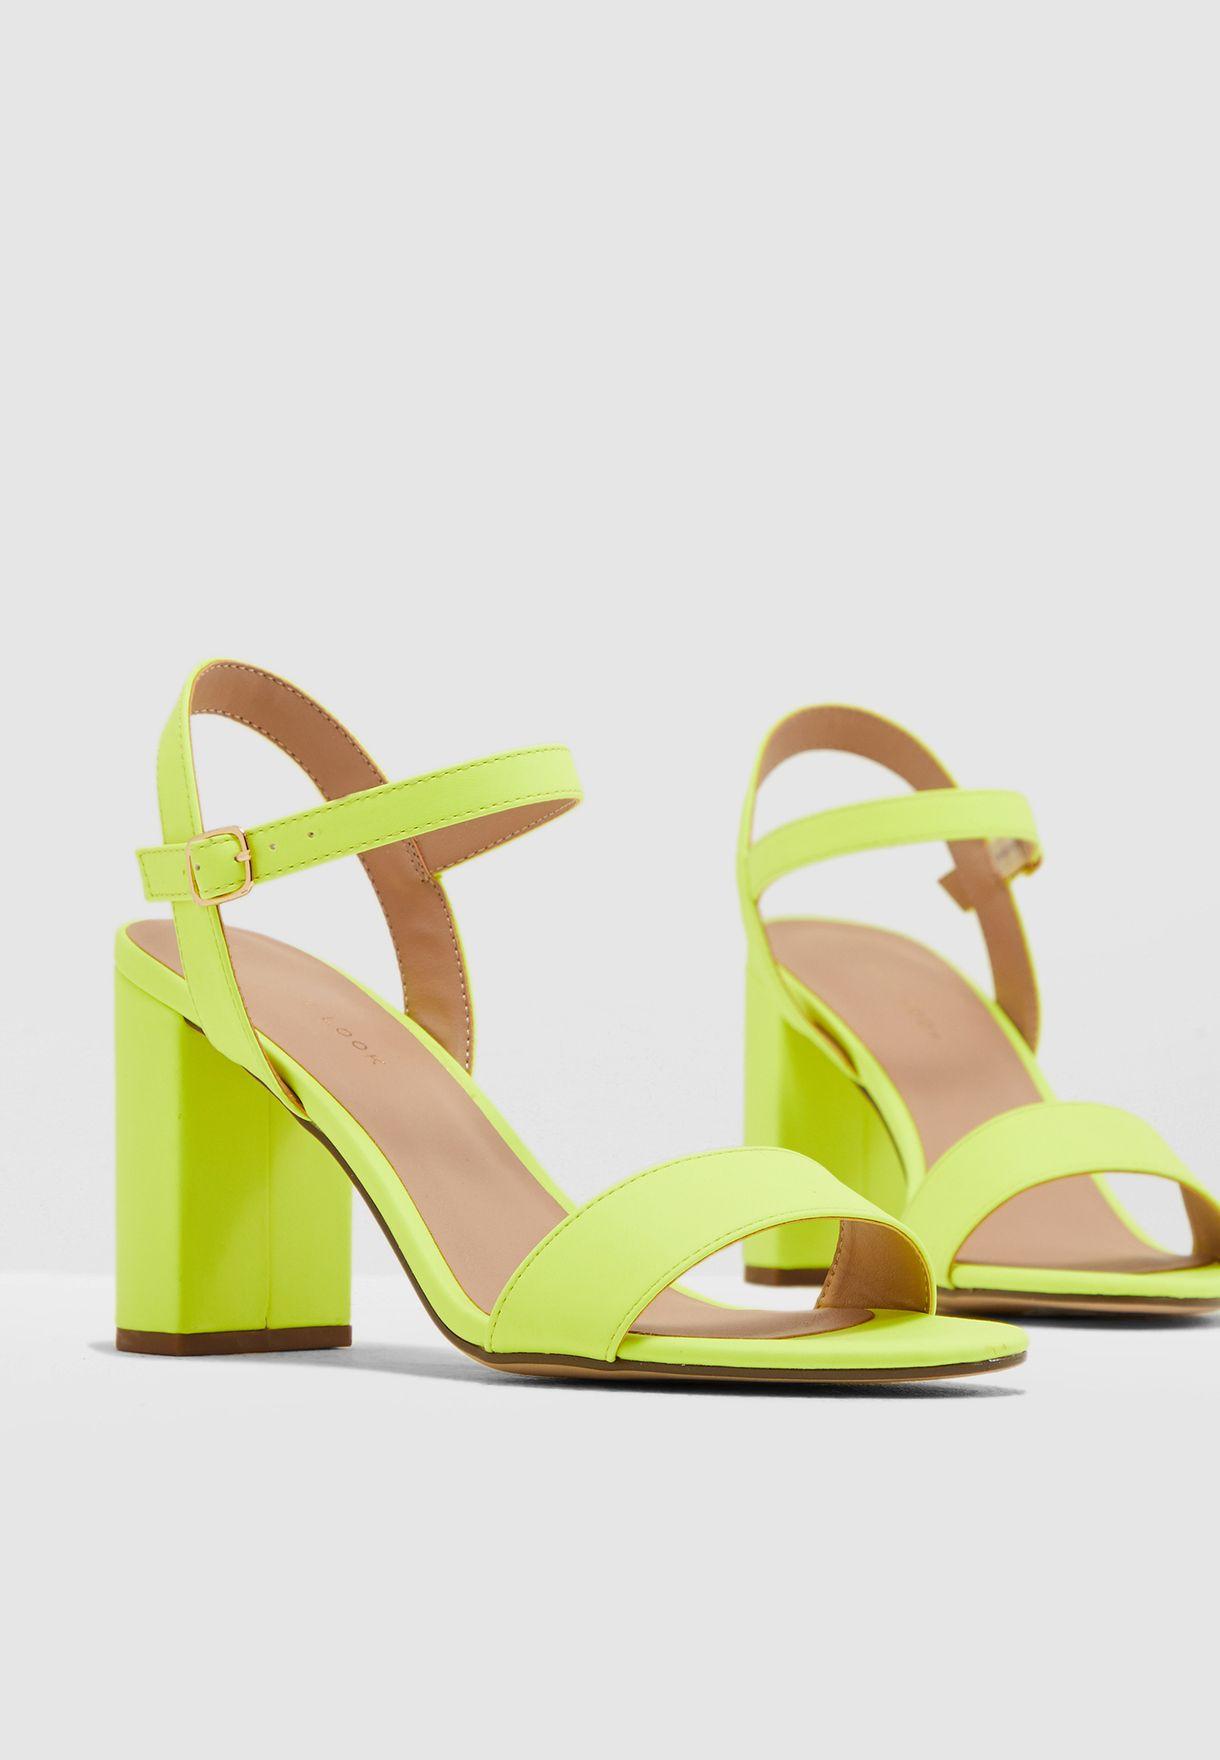 Neon Block Heels Sandal